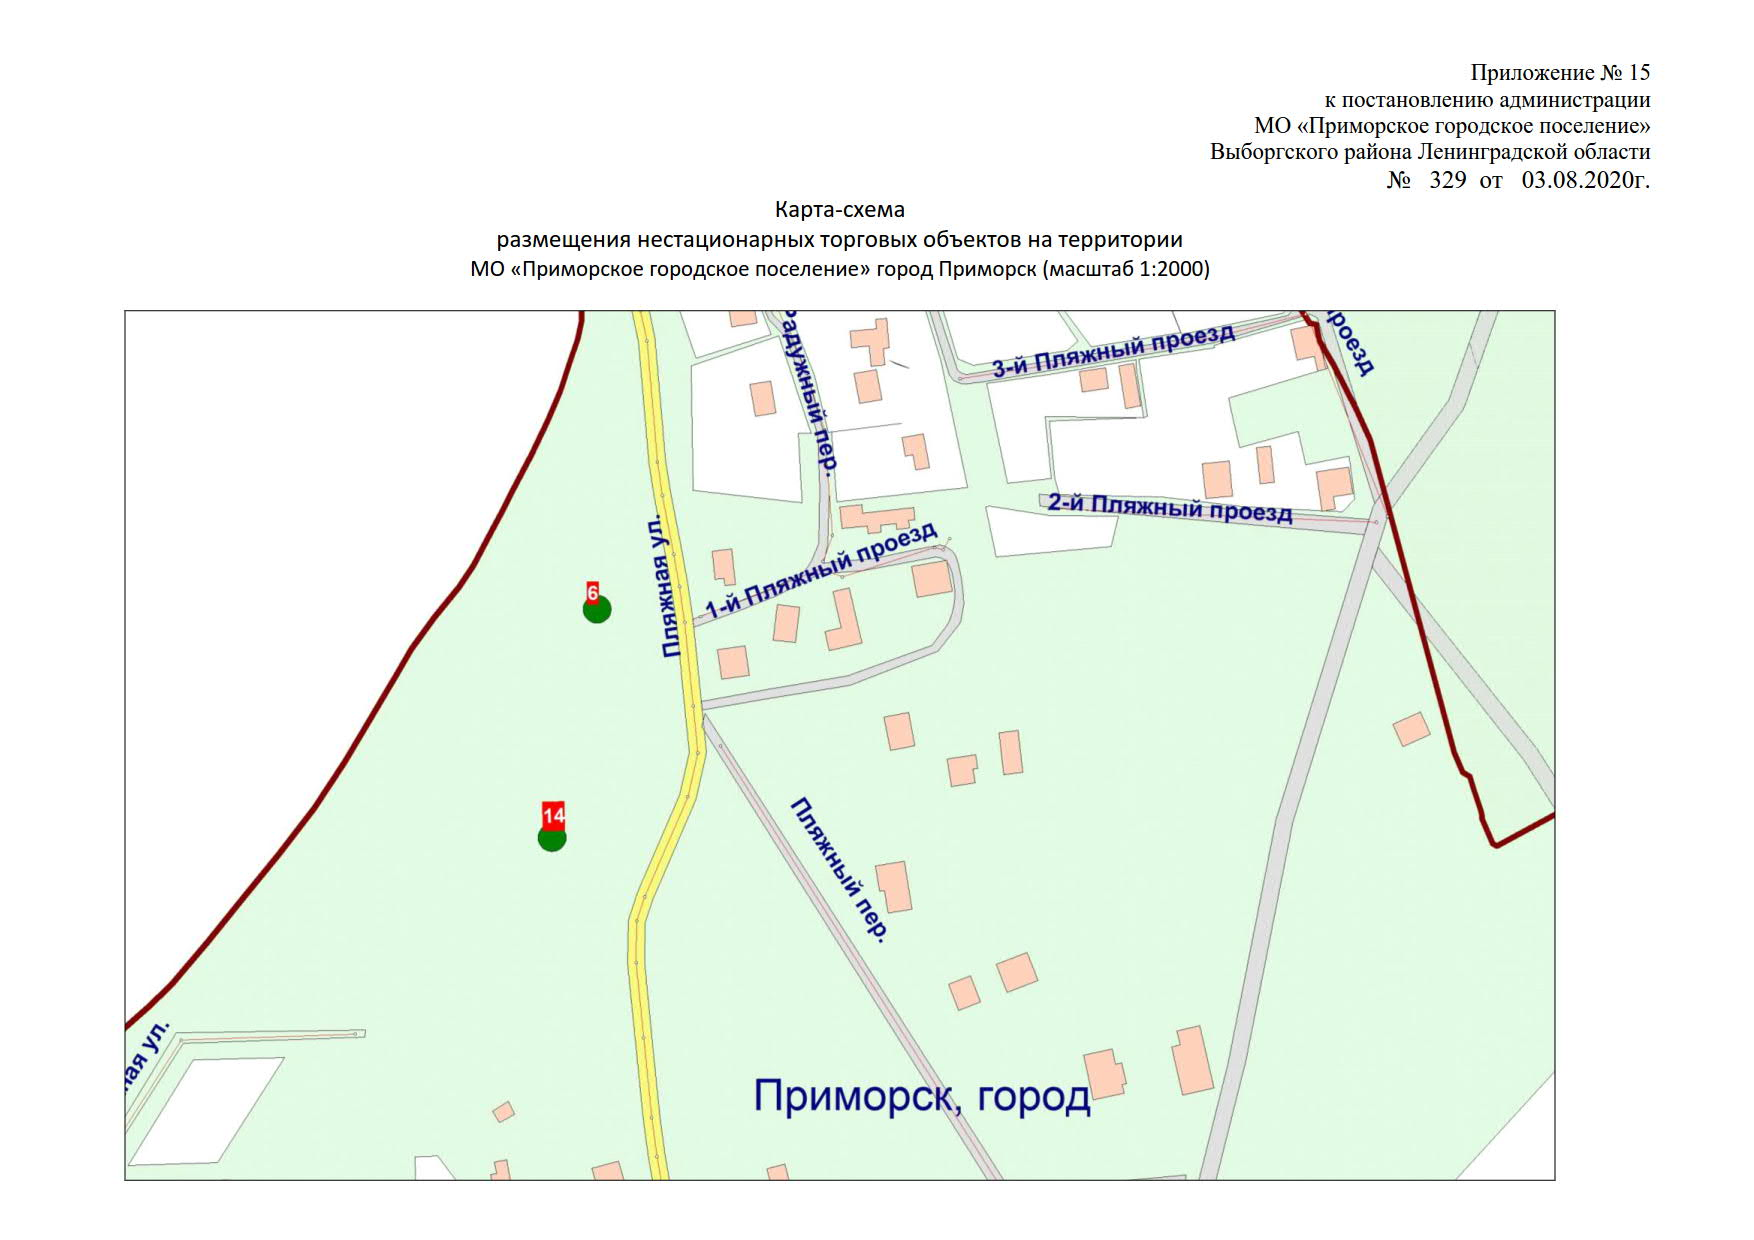 Пост. 329 от 03.08.2020 о внесении изменений в схему НТО_3